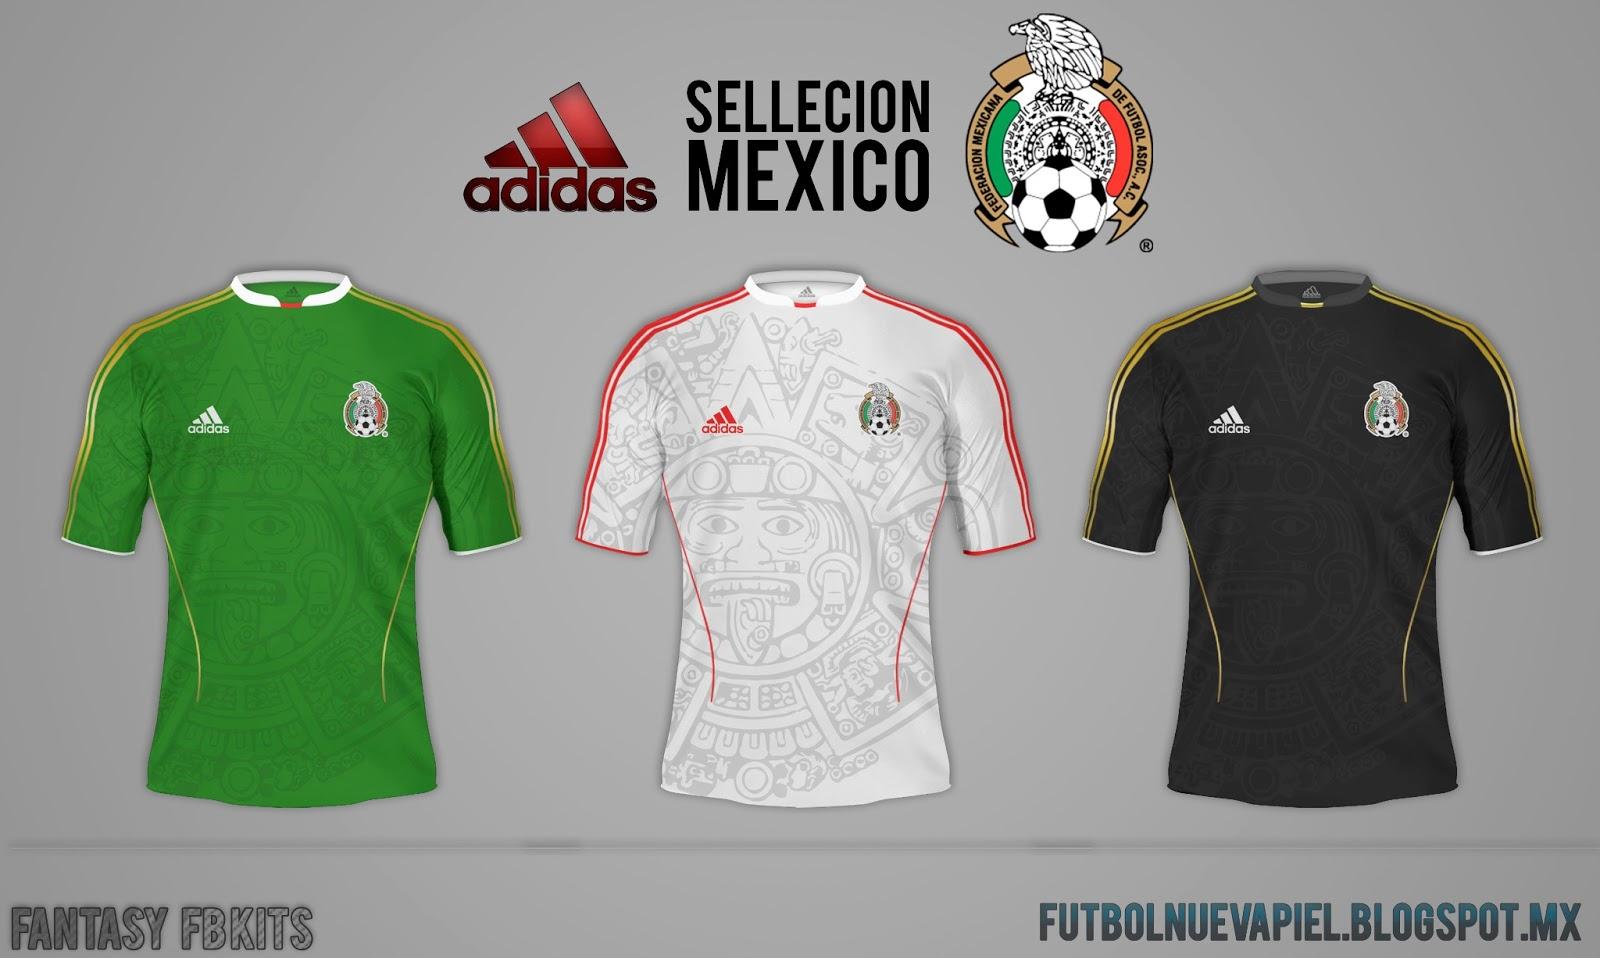 57b85cf0fdc72 Fútbol Nueva Piel (Fb kits design)  Nuevo Jersey Adidas Seleccion ...